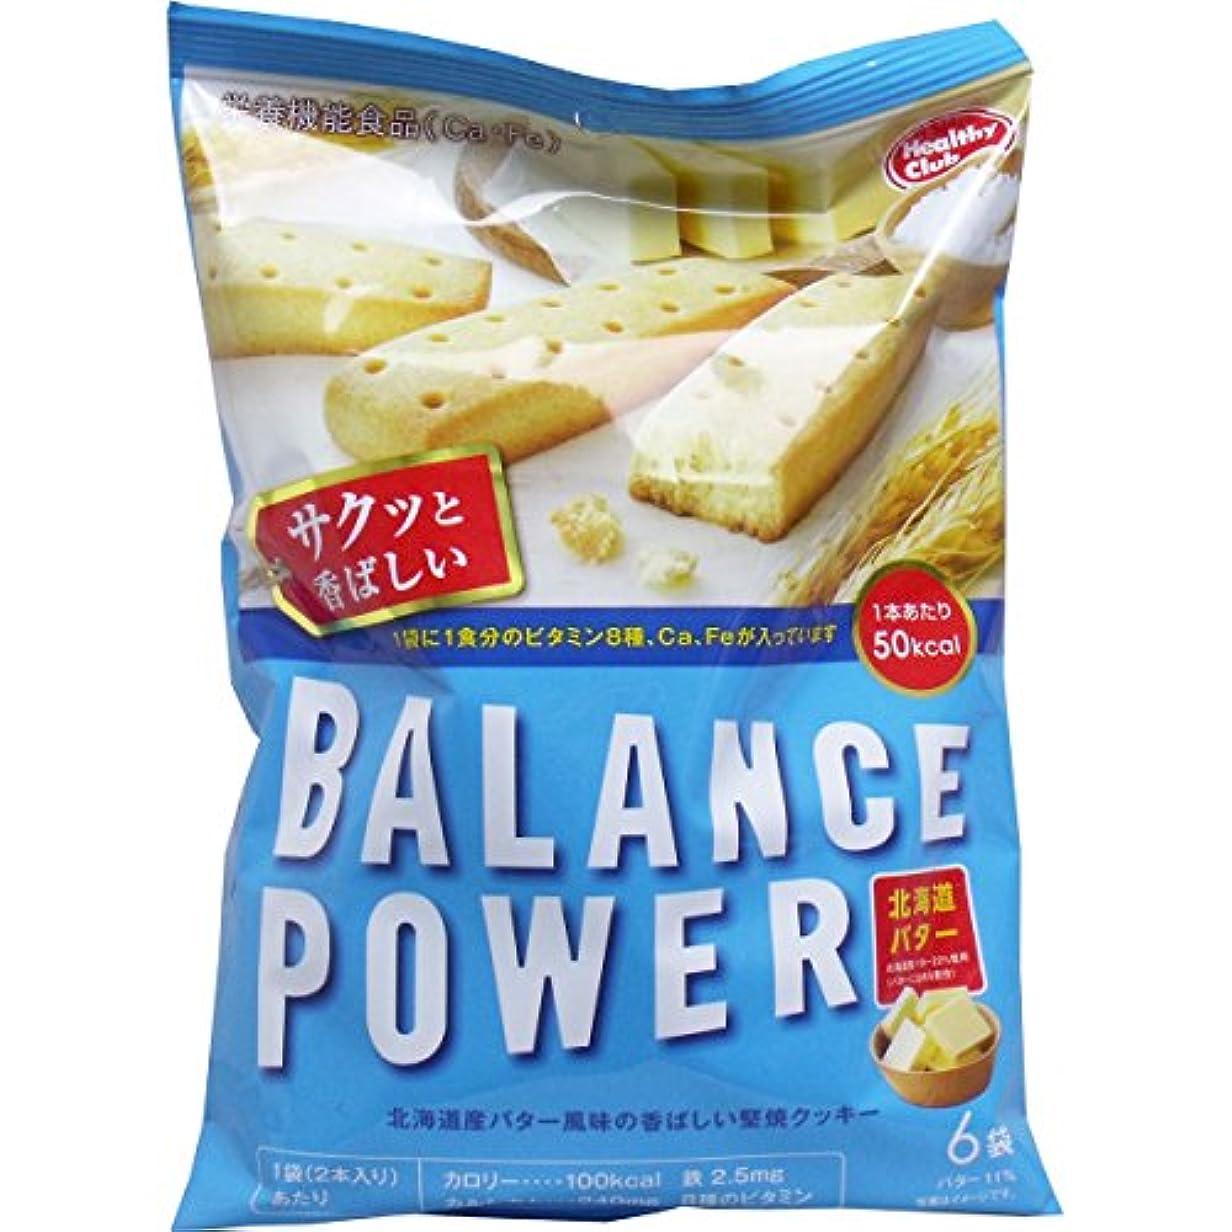 発動機奴隷性交バランスパワー 北海道バター味 6袋(12本)入